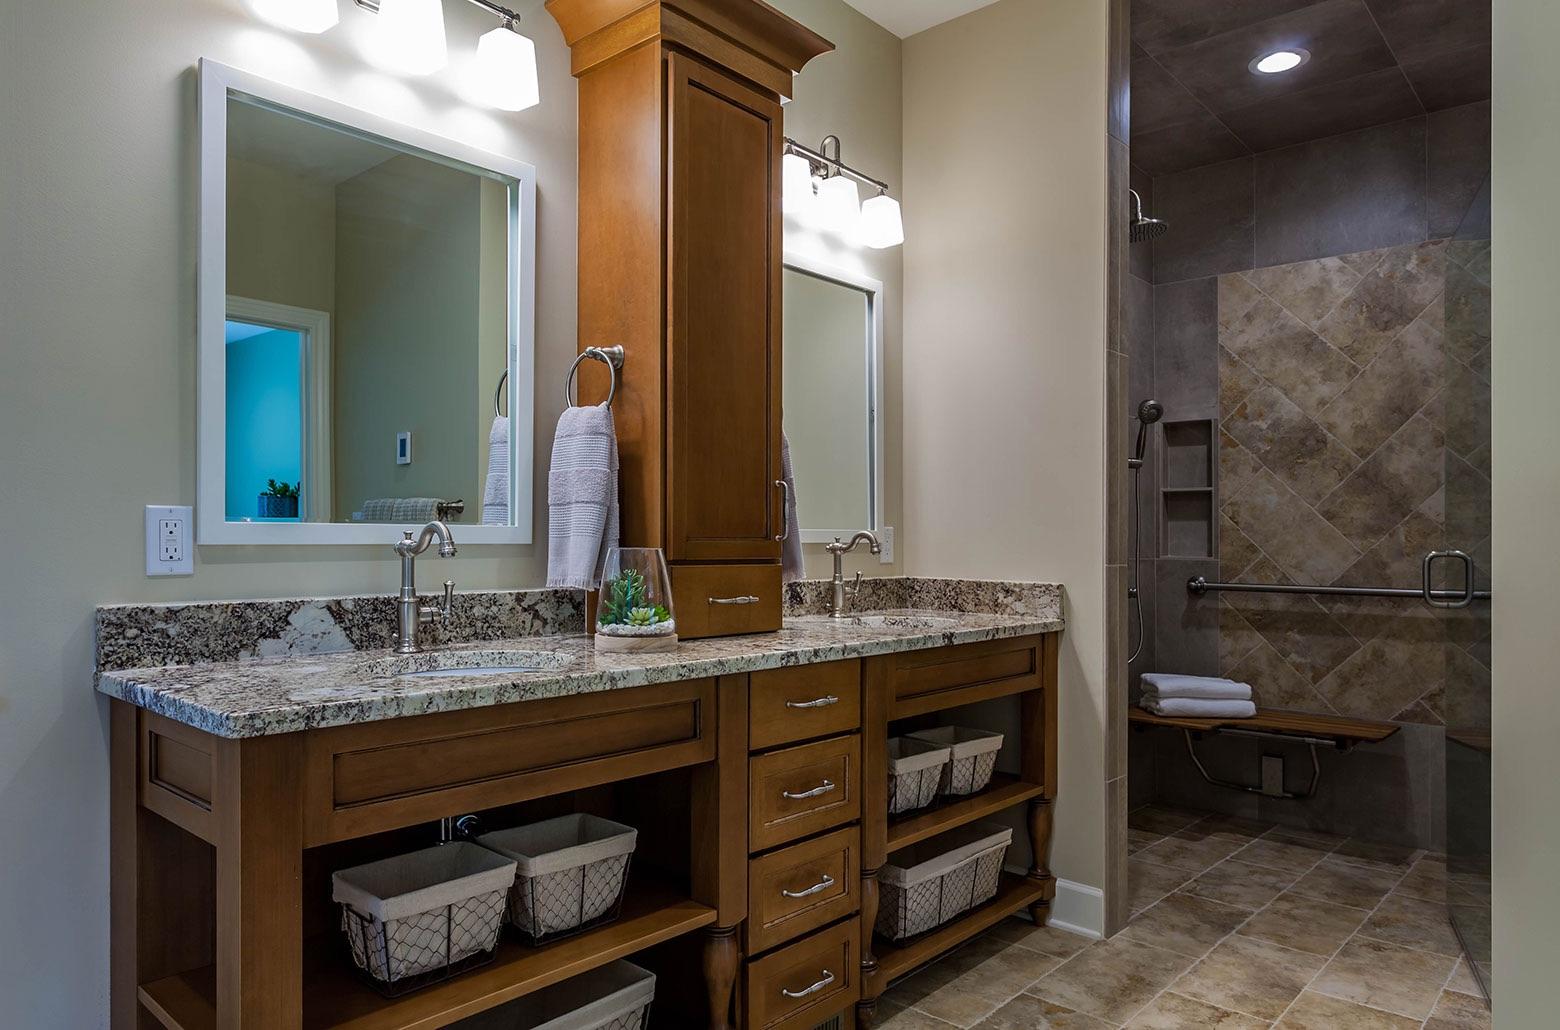 ADA accessible bathroom sinks